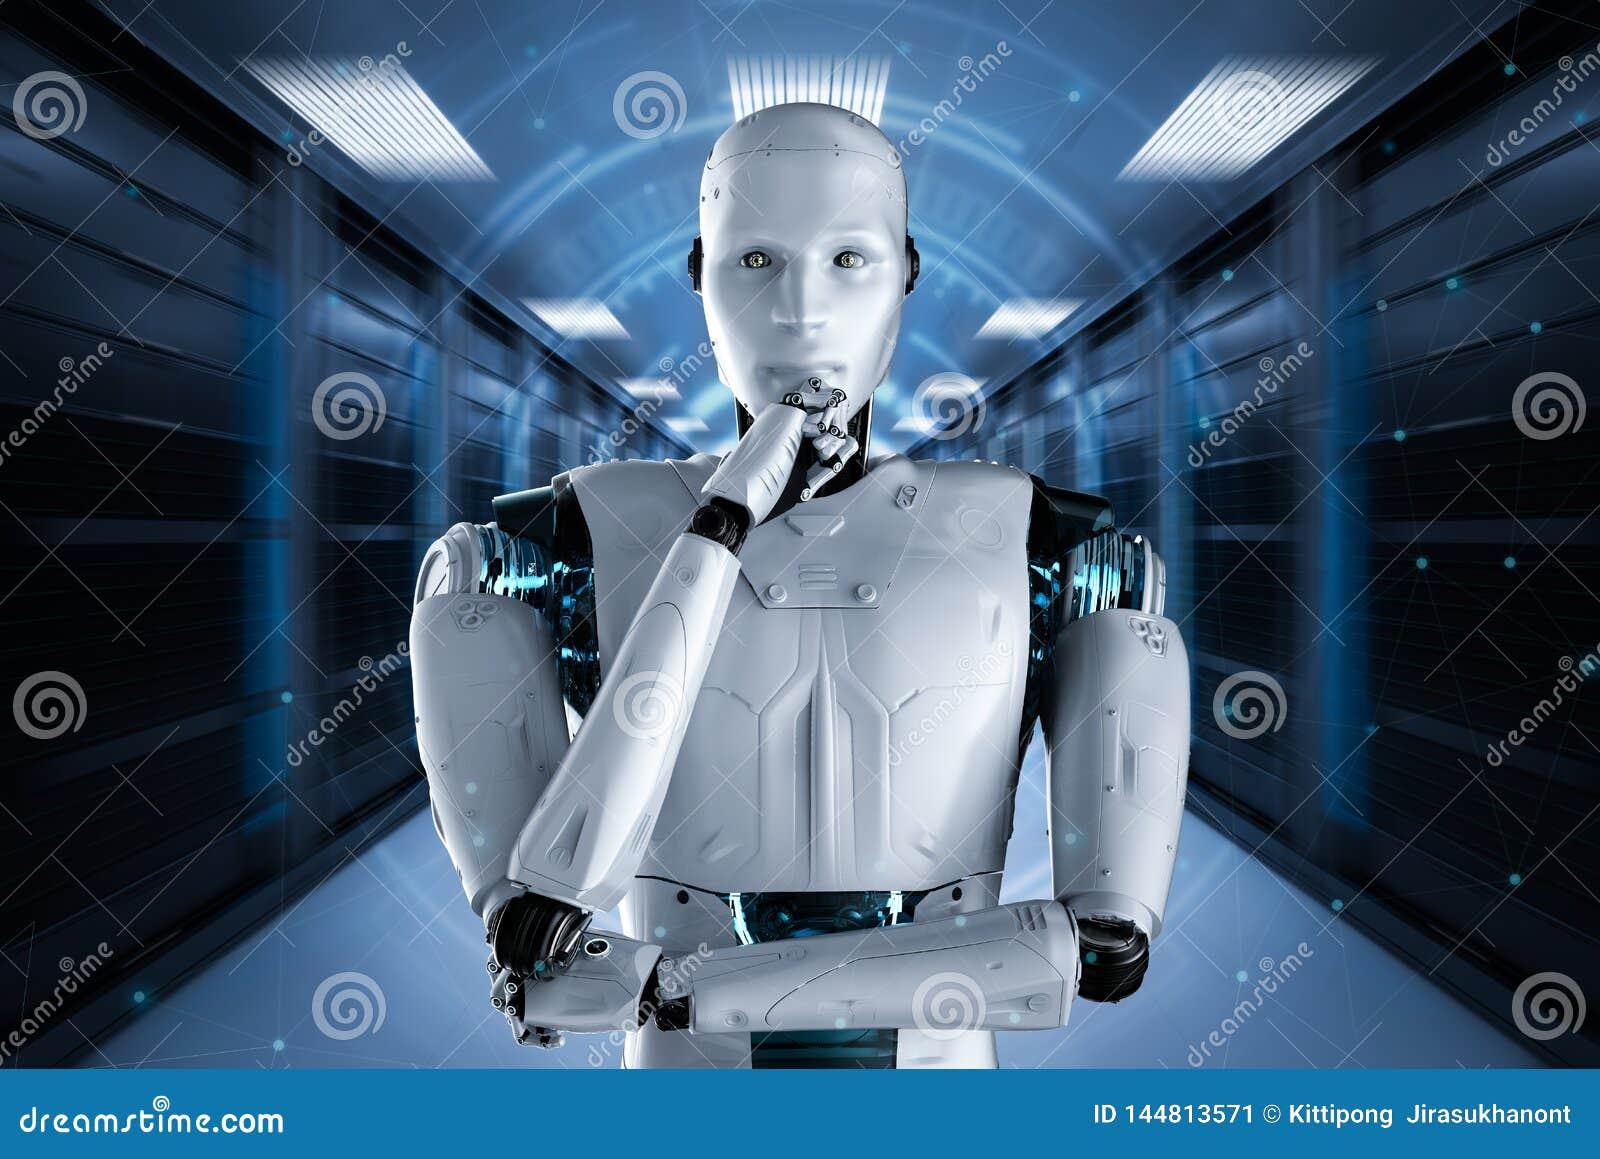 Robot avec l affichage graphique